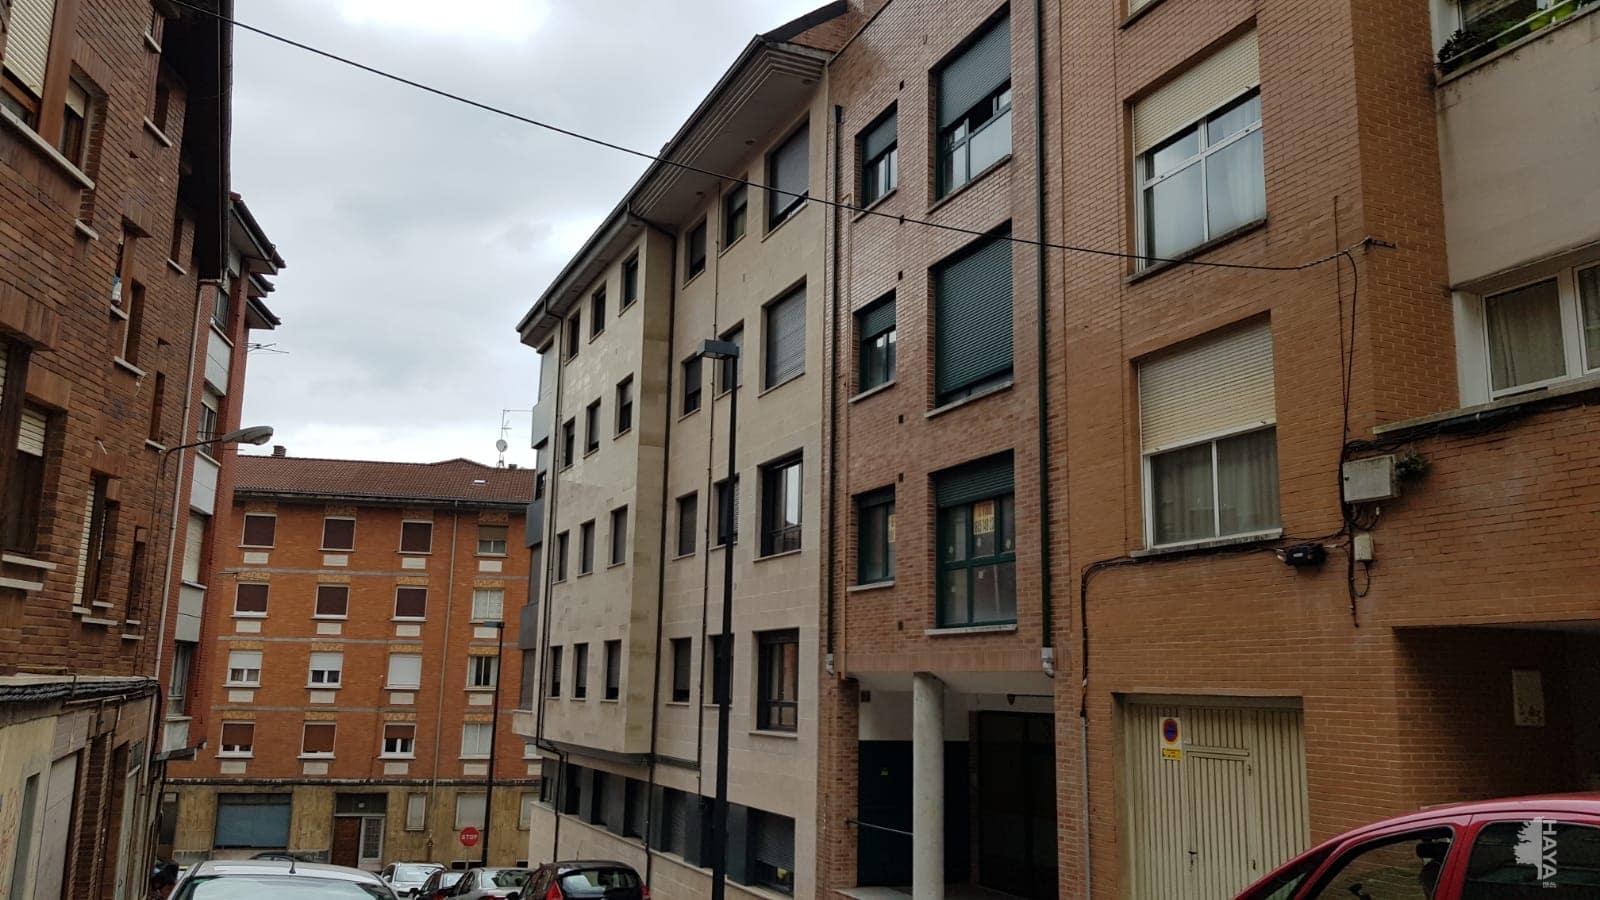 Piso en venta en Lena, Asturias, Calle Monte Ablanedo, 74.000 €, 3 habitaciones, 1 baño, 123 m2